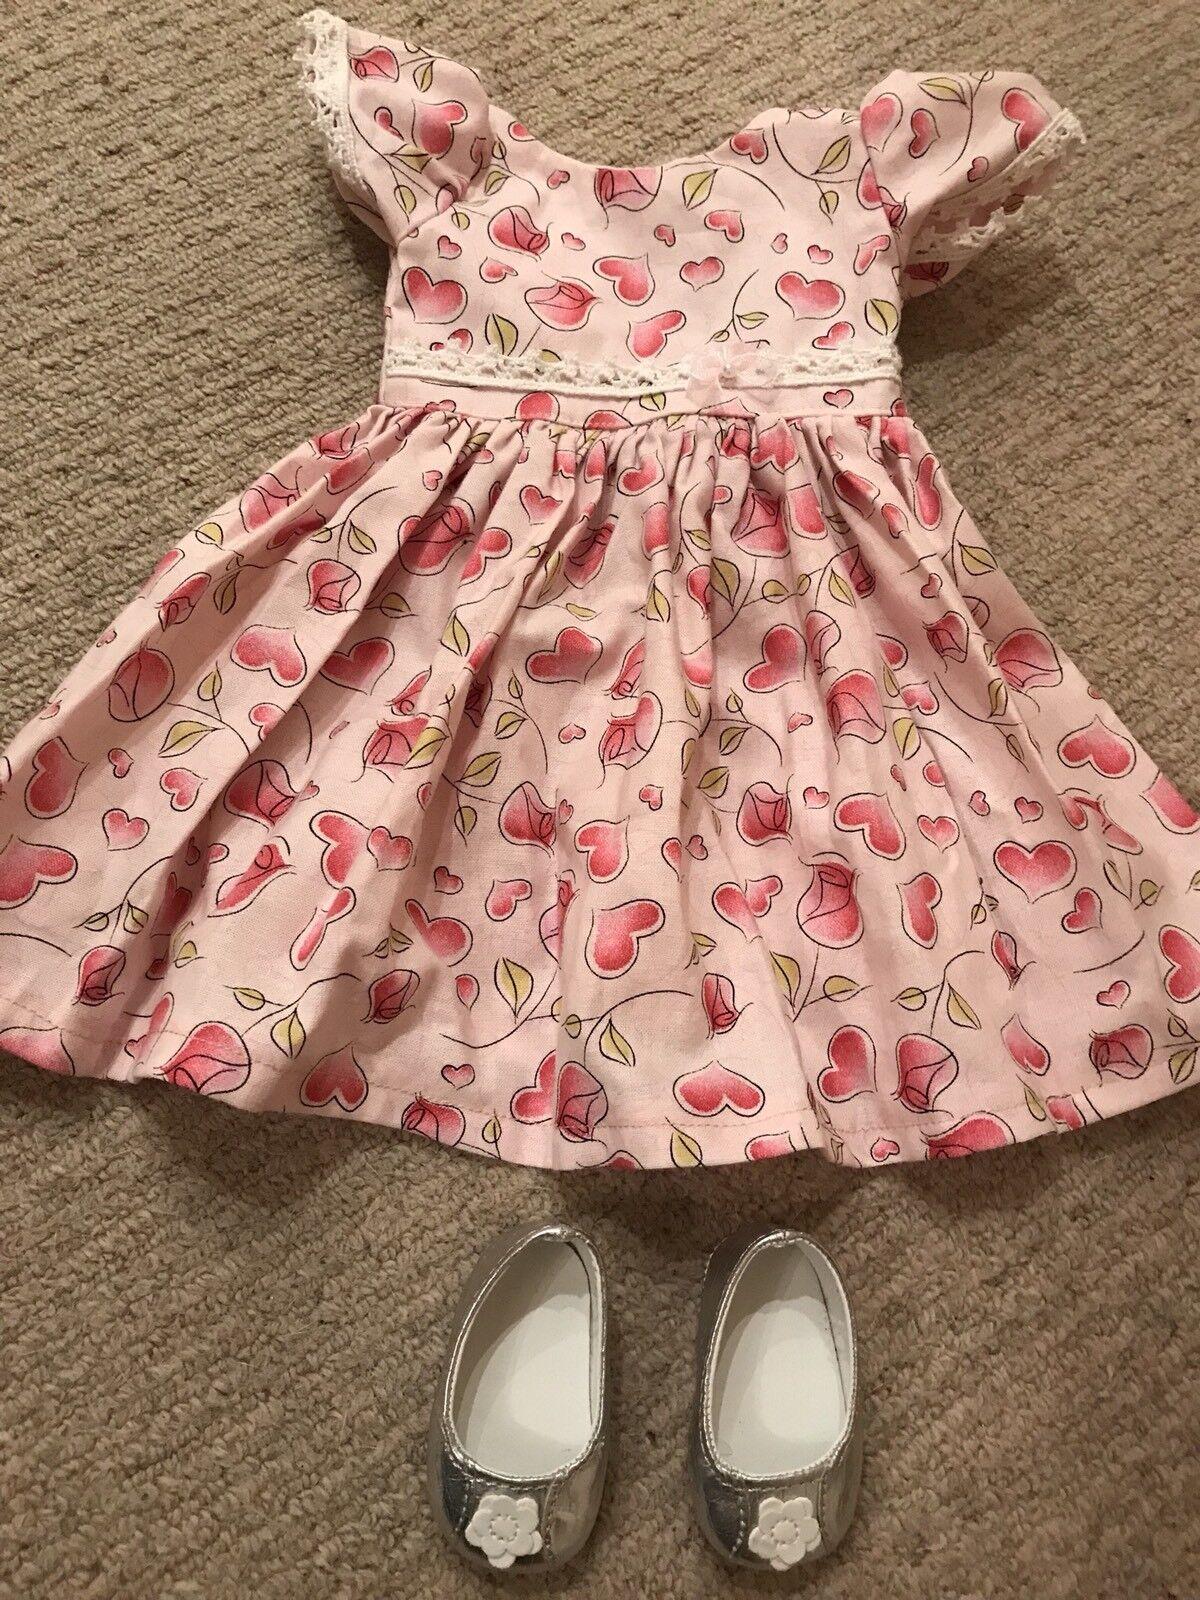 Bambole Abiti Vestito rosa a a a Cuori Abito, Sottoveste, scarpe, Maru & Amici, 52CM 94827b